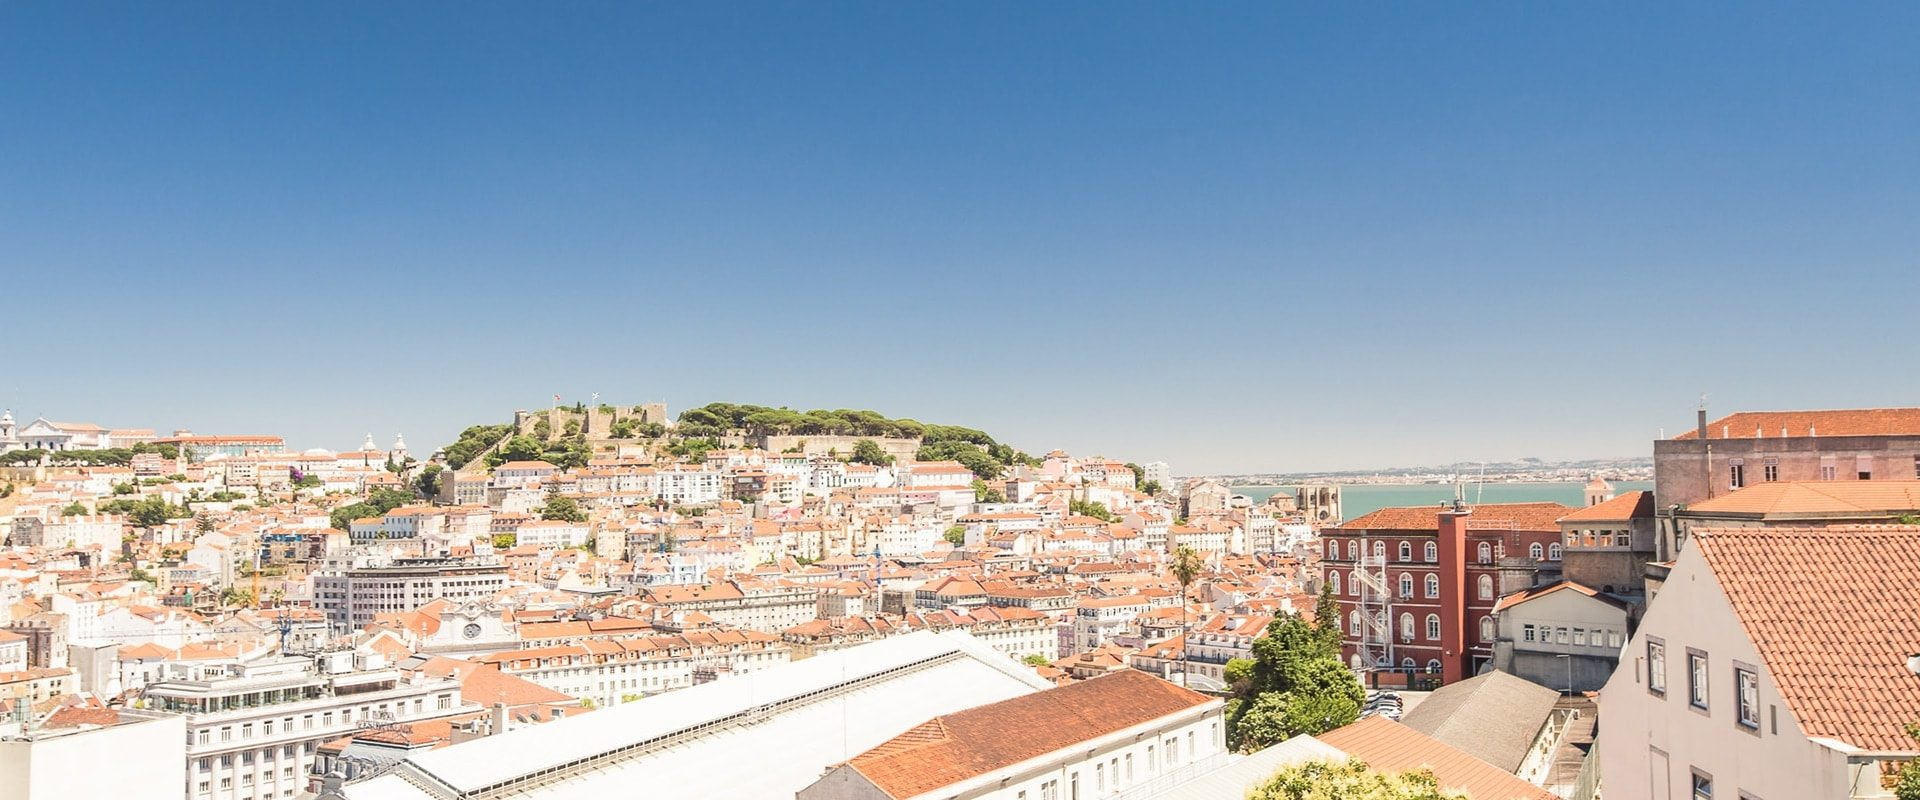 5 Jours à Lisbonne : City Guide Et Itinéraire